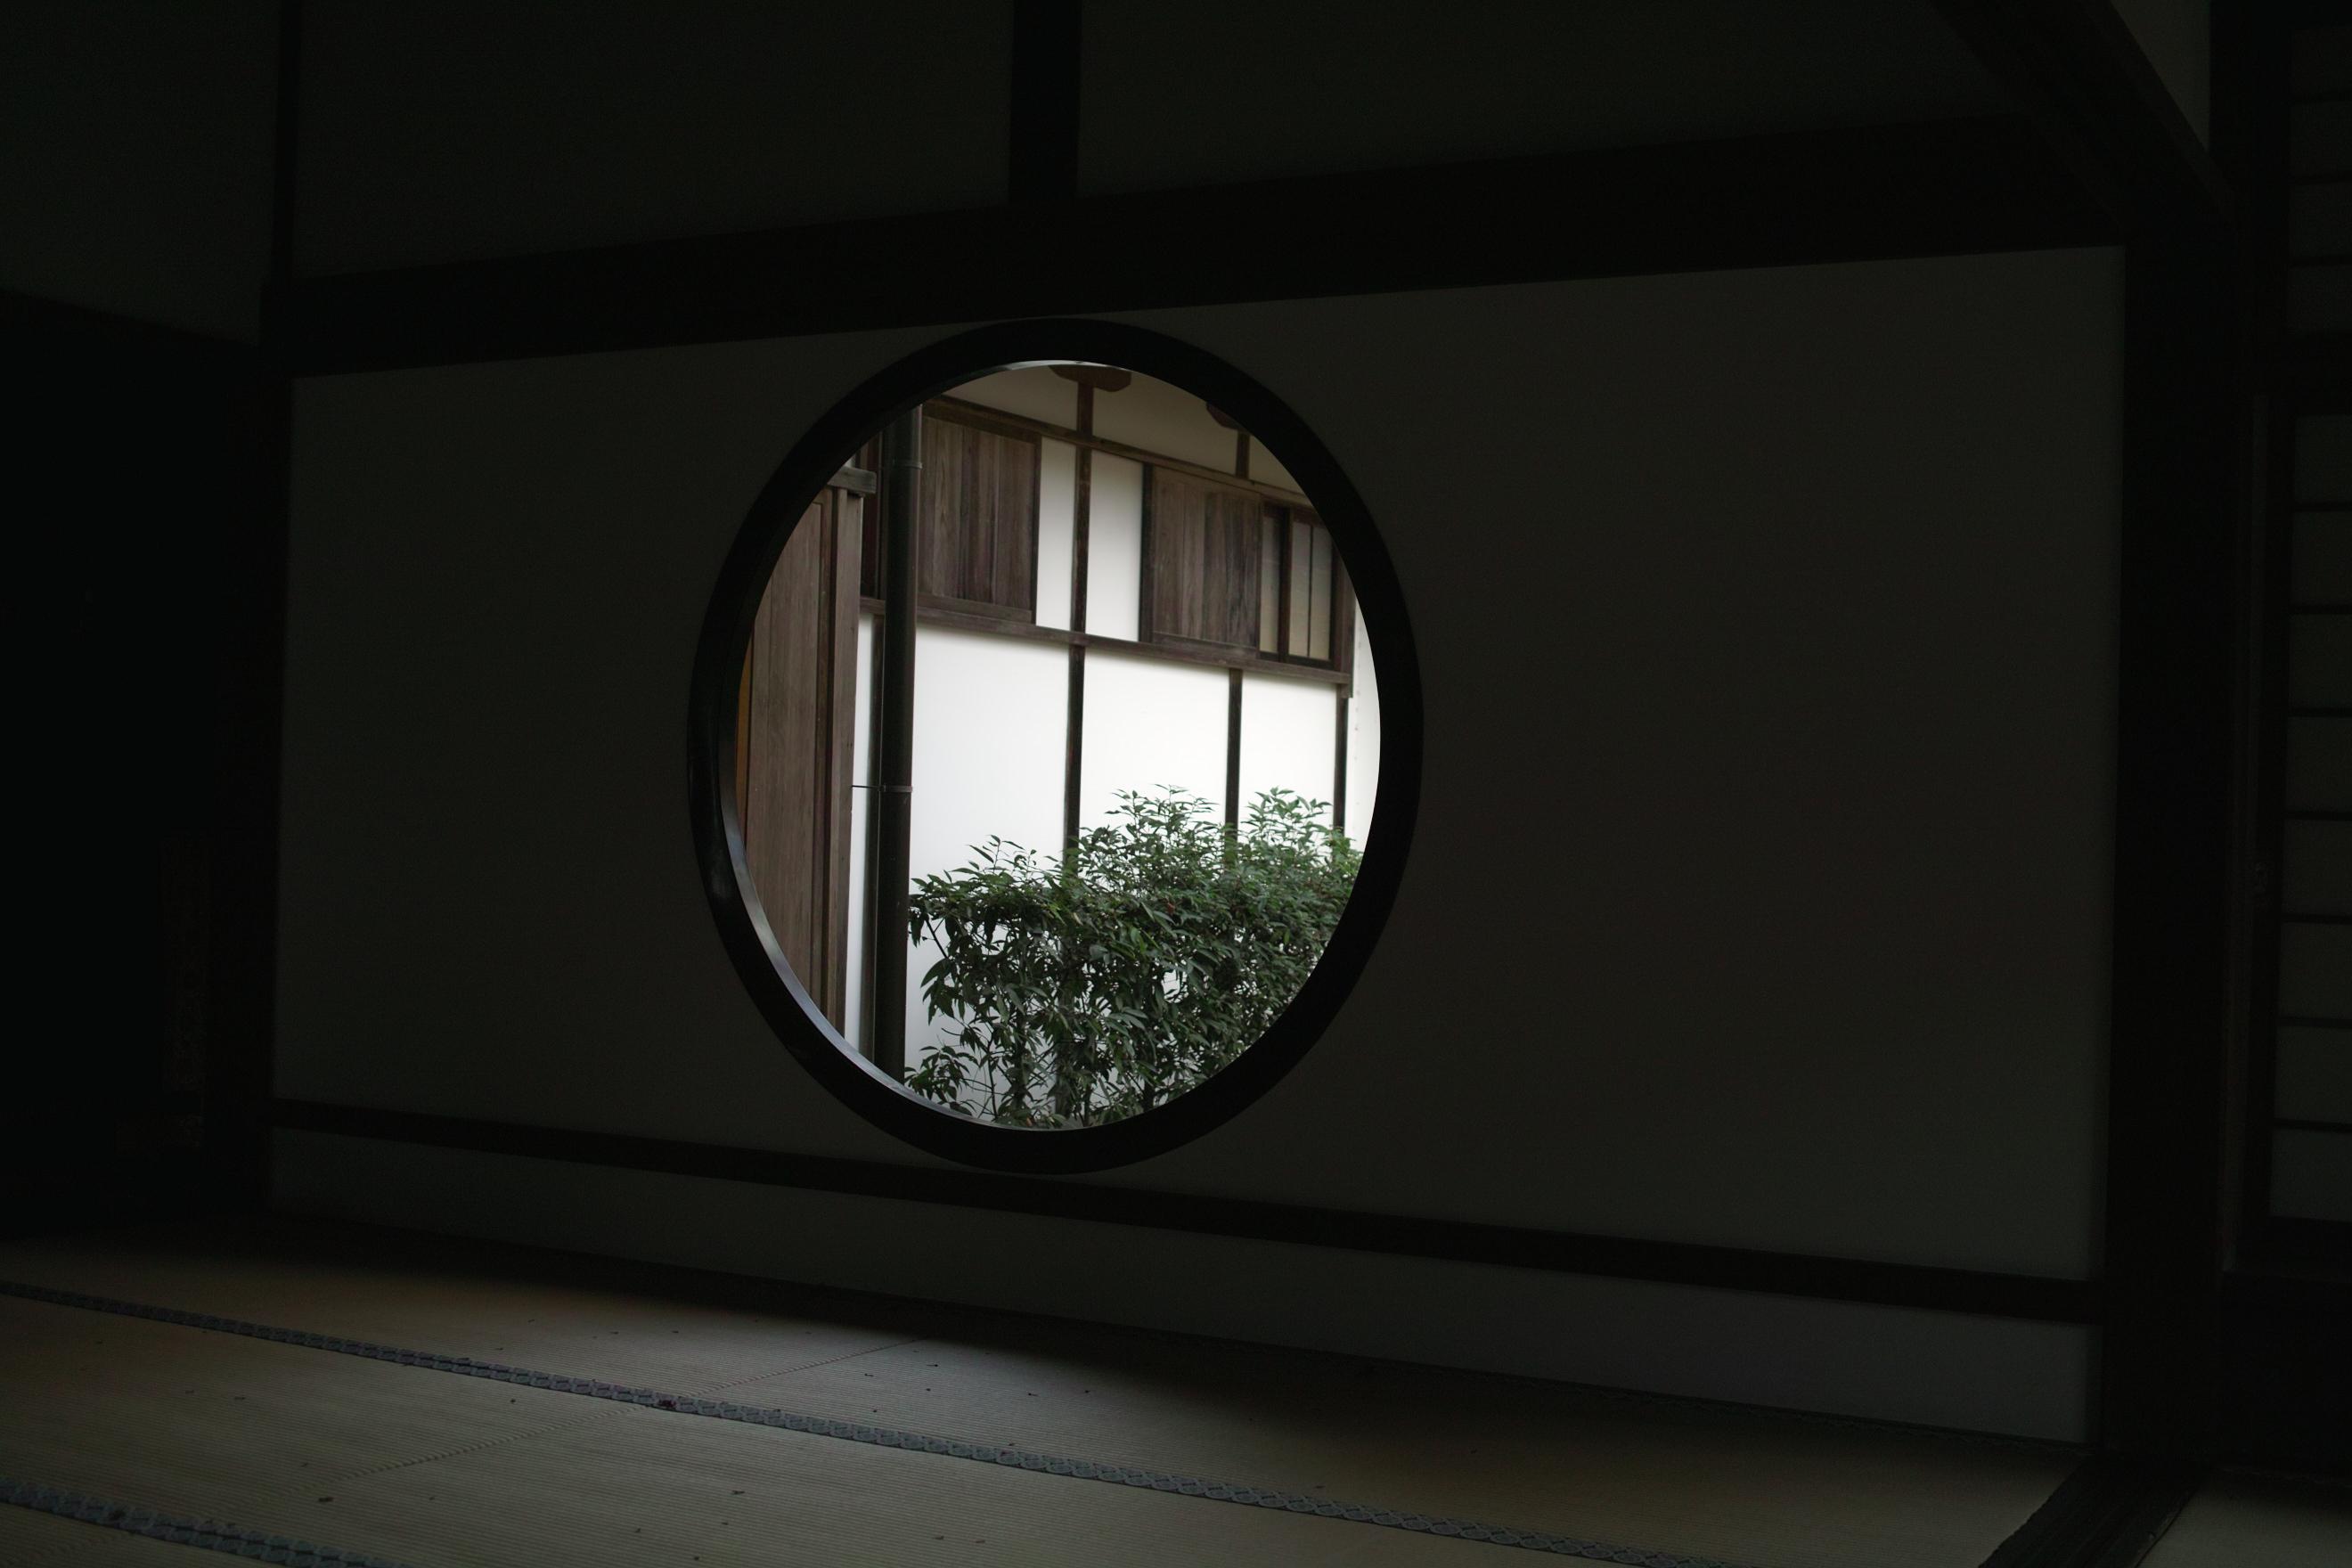 悟りの窓とかなんとかいうあれ。